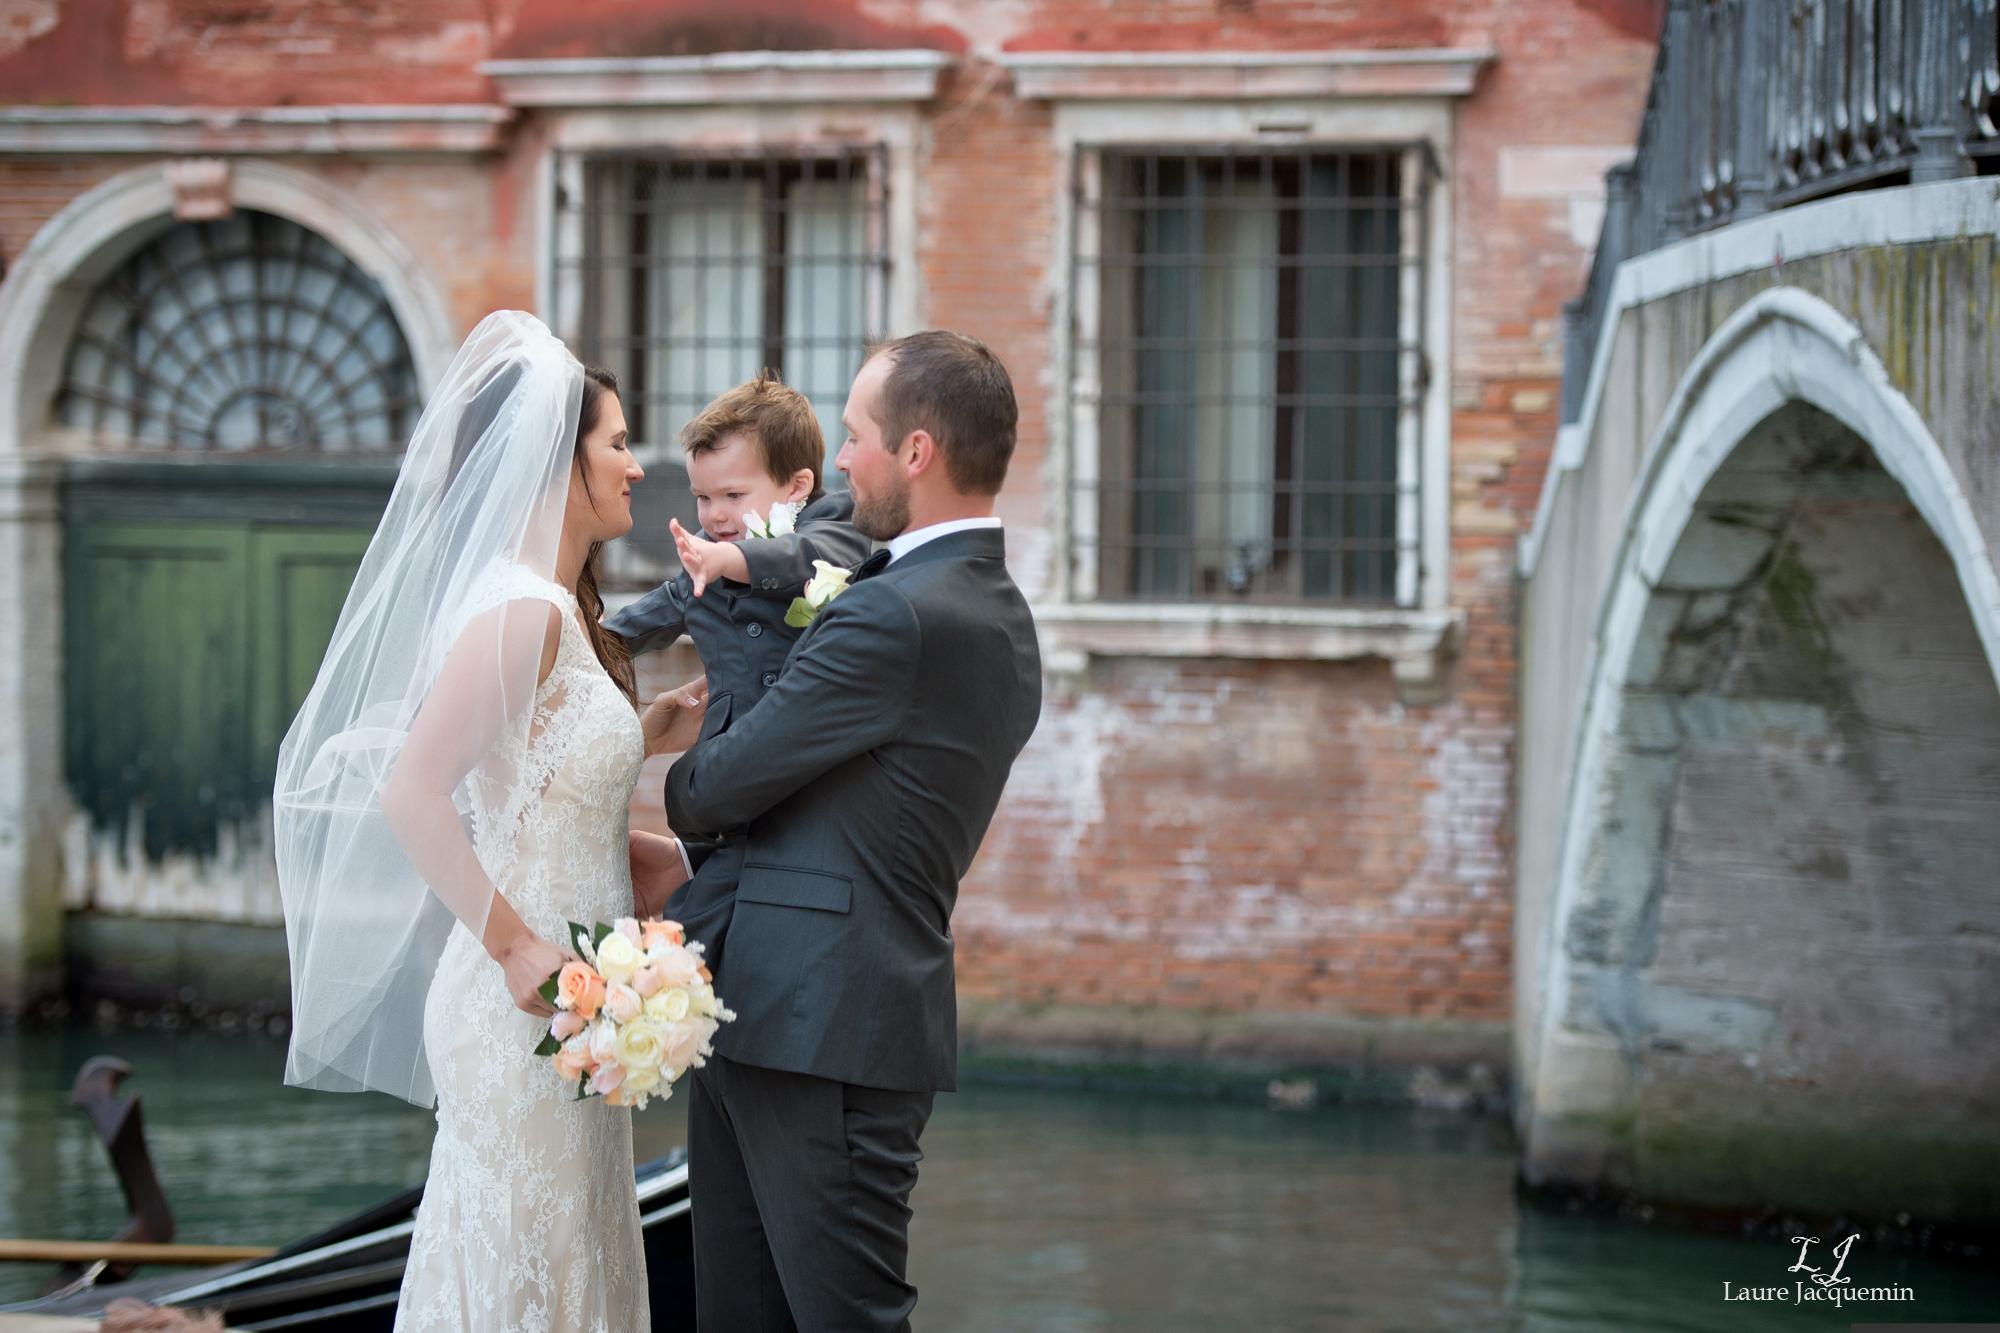 photographe mariage laure jacquemin palazzo cavalli service photographique (69)